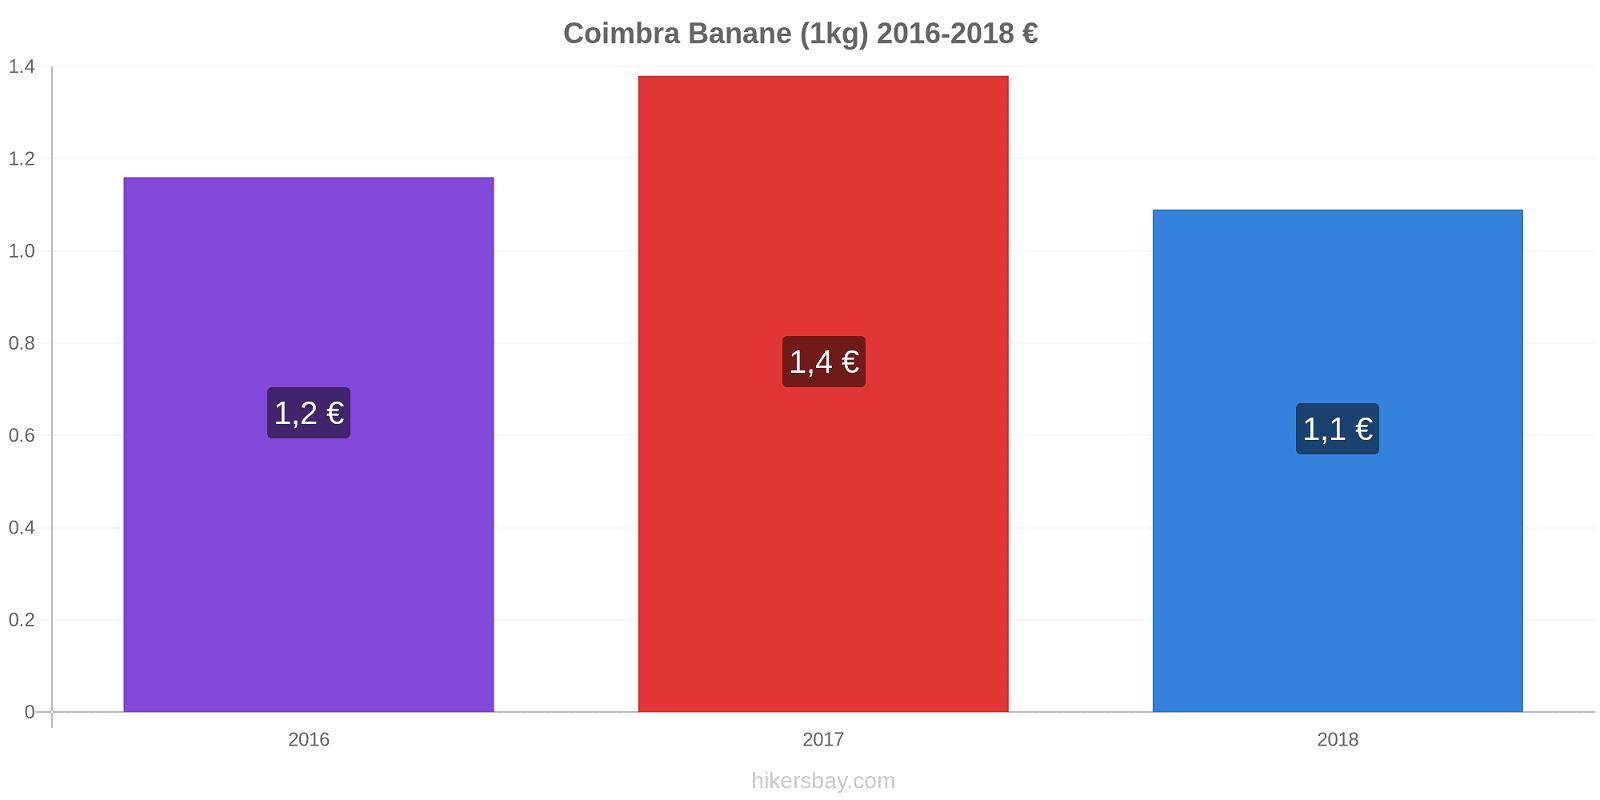 Coimbra Preisänderungen Banane (1kg) hikersbay.com